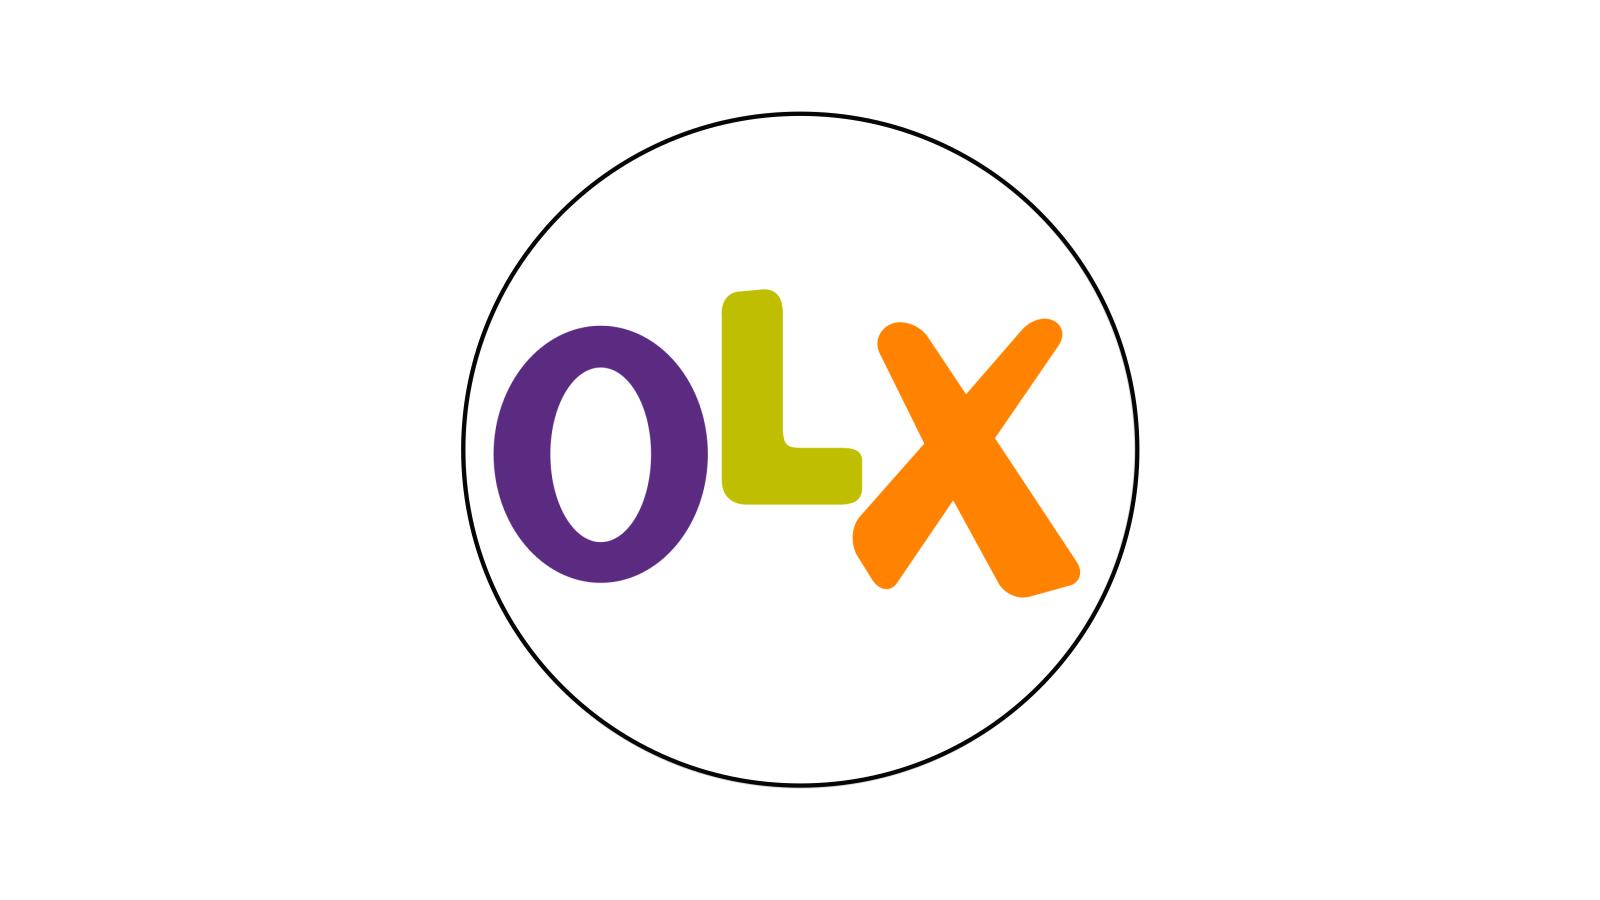 Ohalex